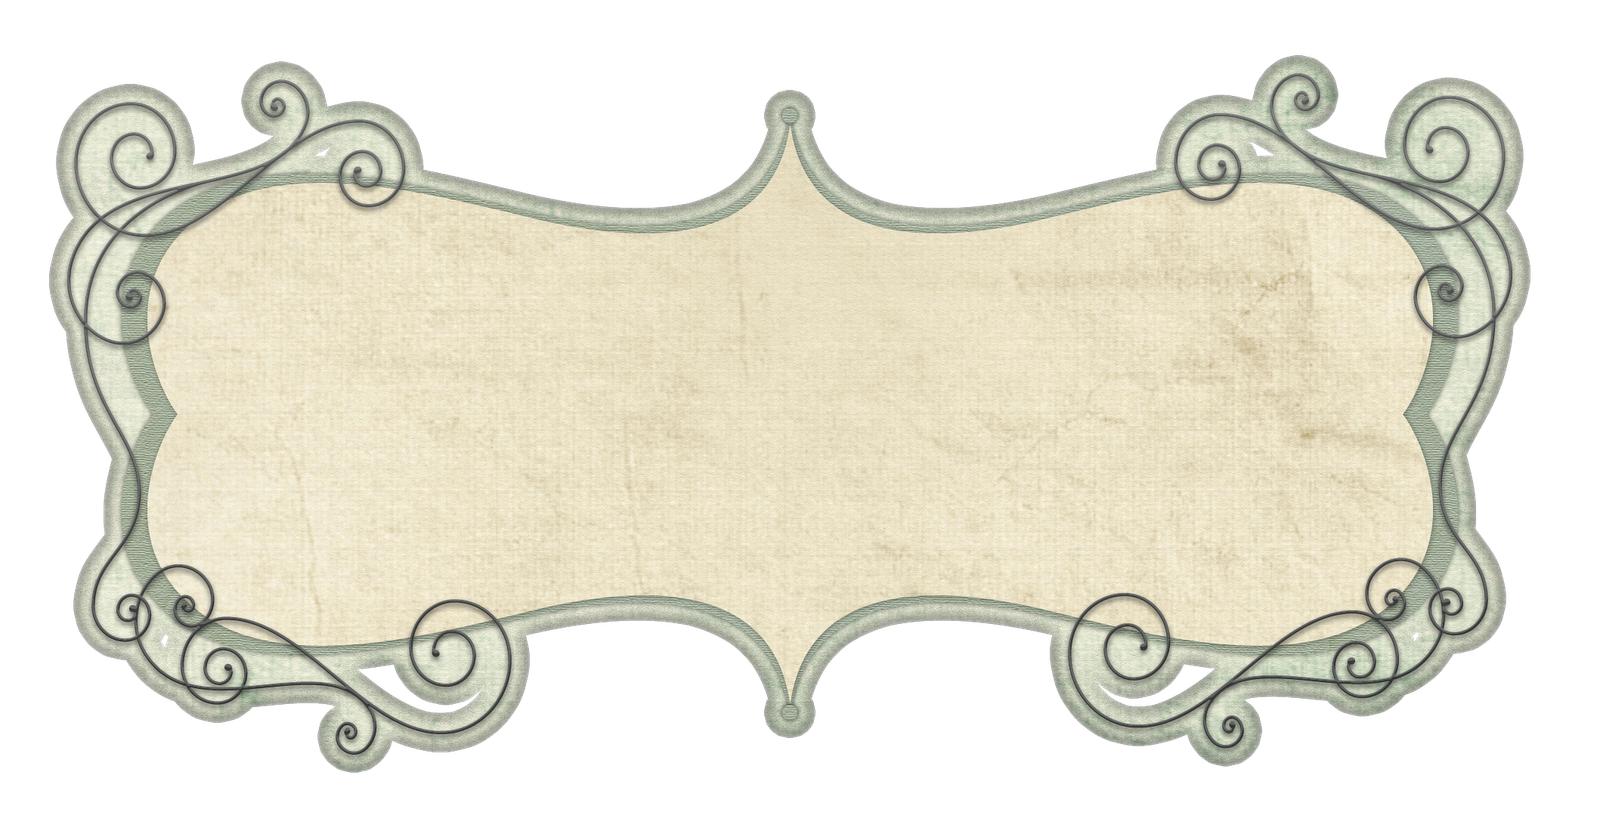 Transparent Vintage Frameborder Free CU Doodle Frame